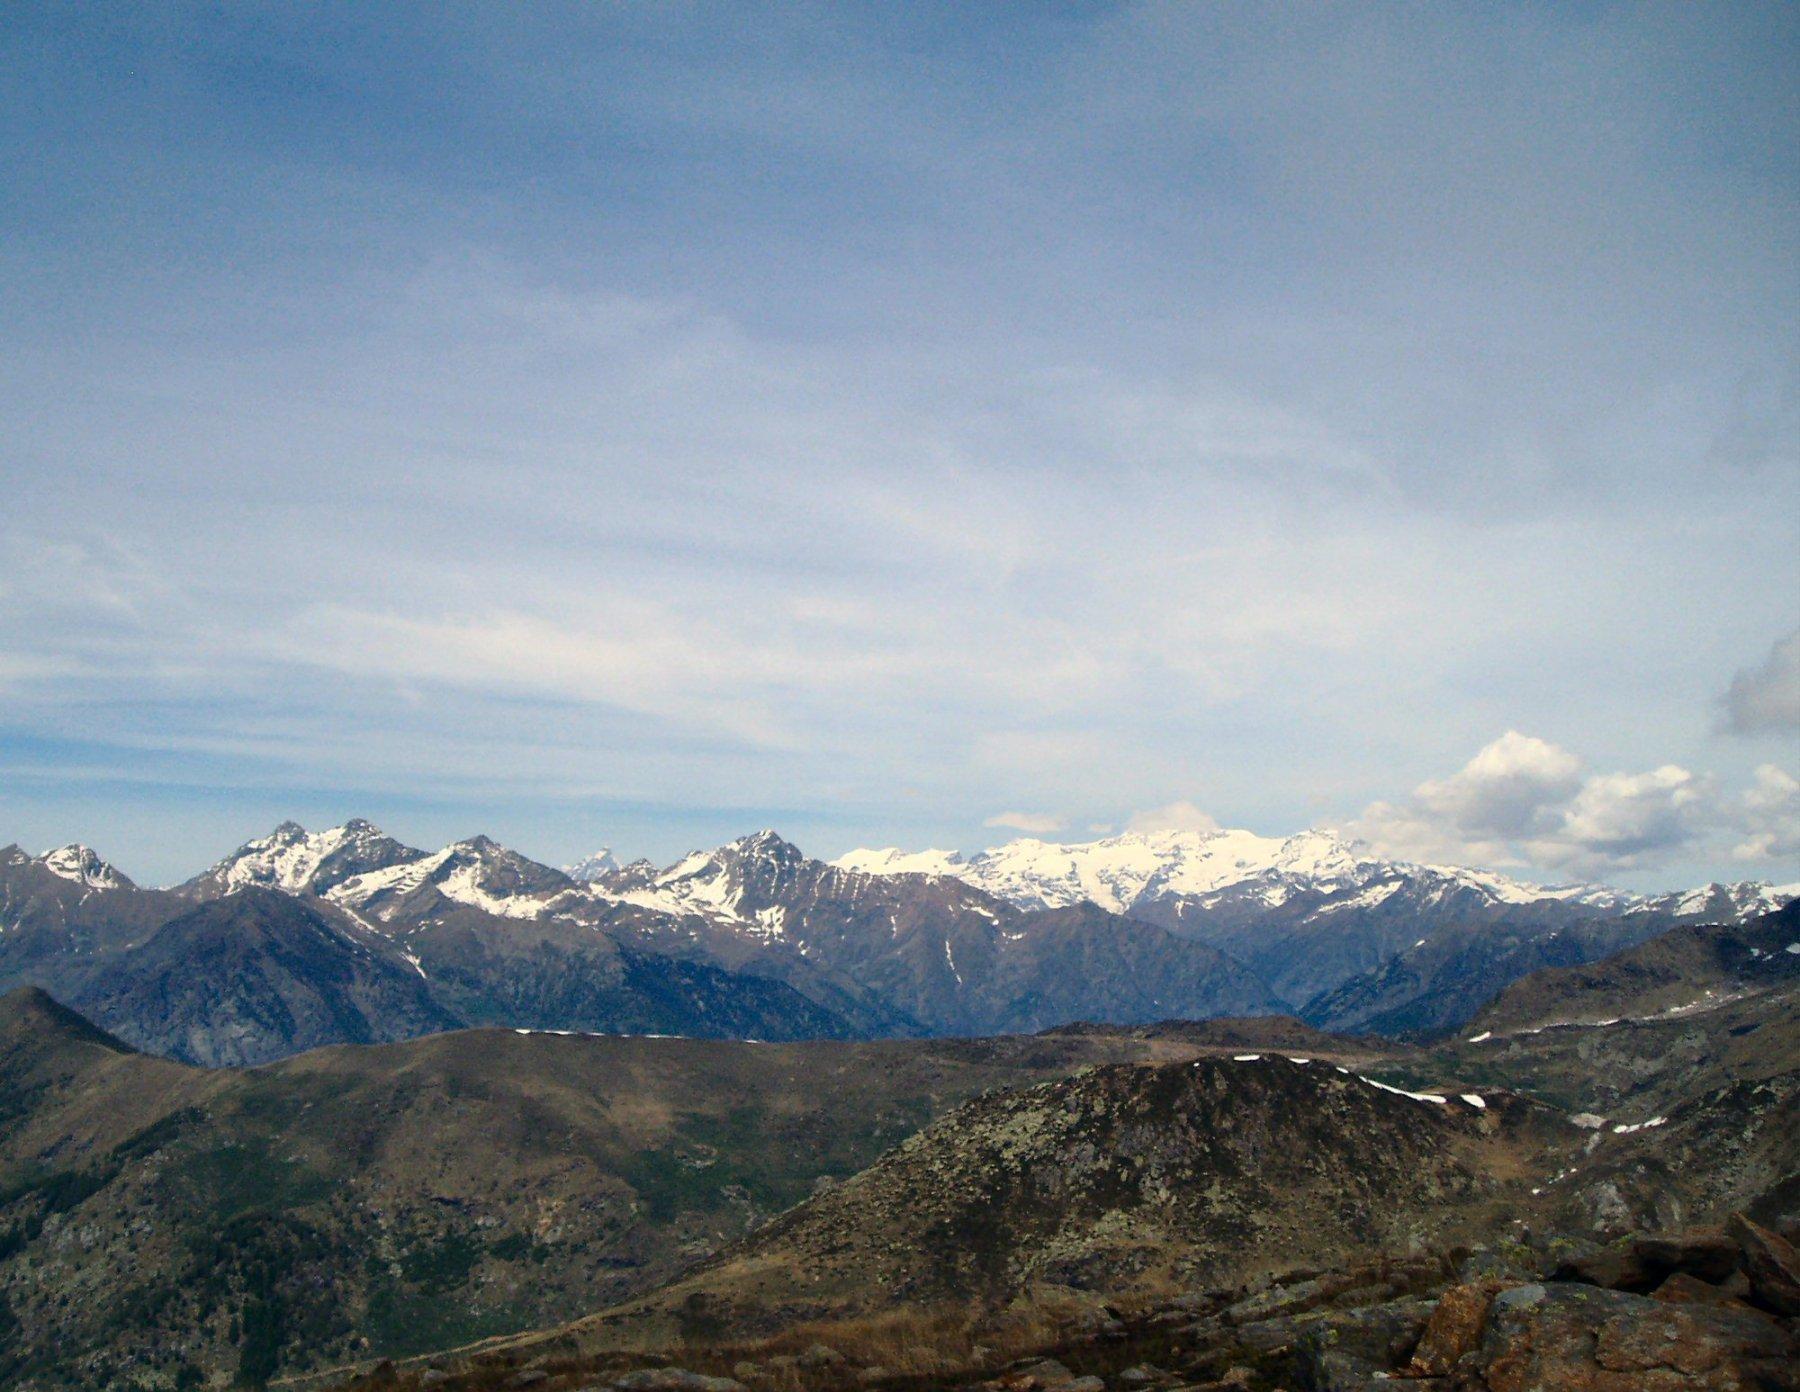 I monti della Valle del Lys.